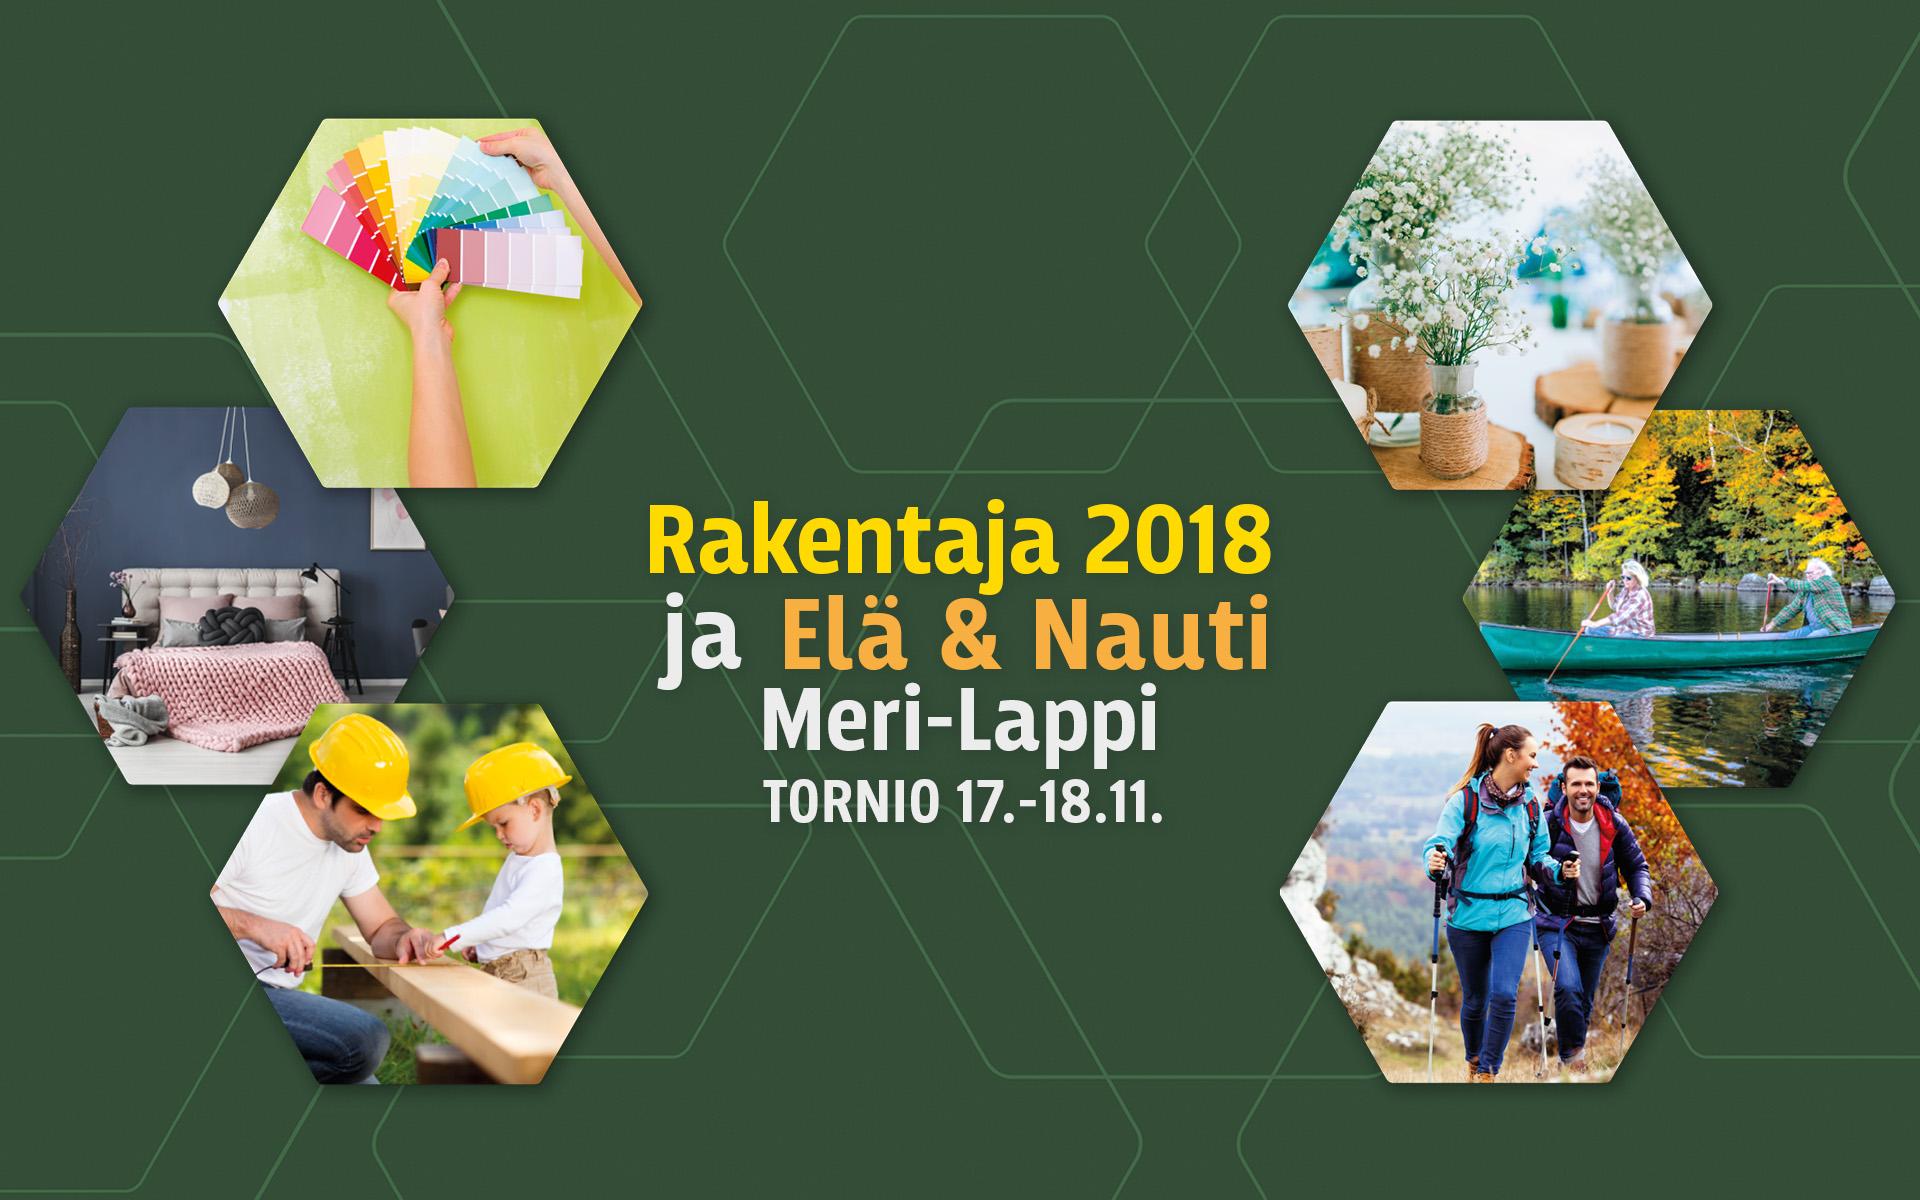 Rakentaja 2018 ja Elä & Nauti Meri-Lappi